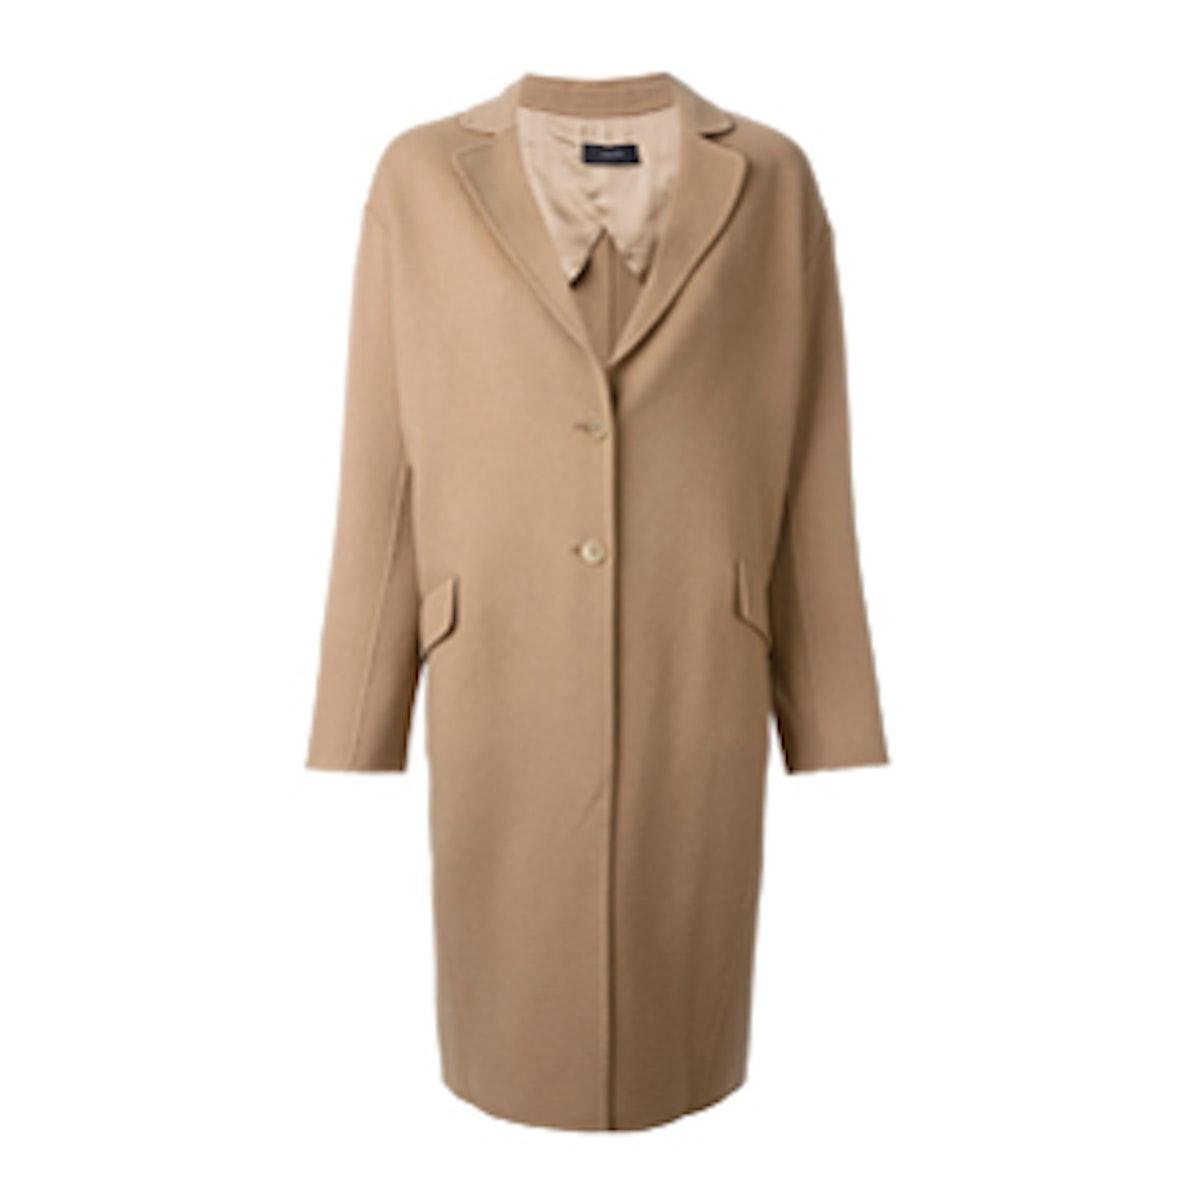 Wool-Cashmere Oversized Coat